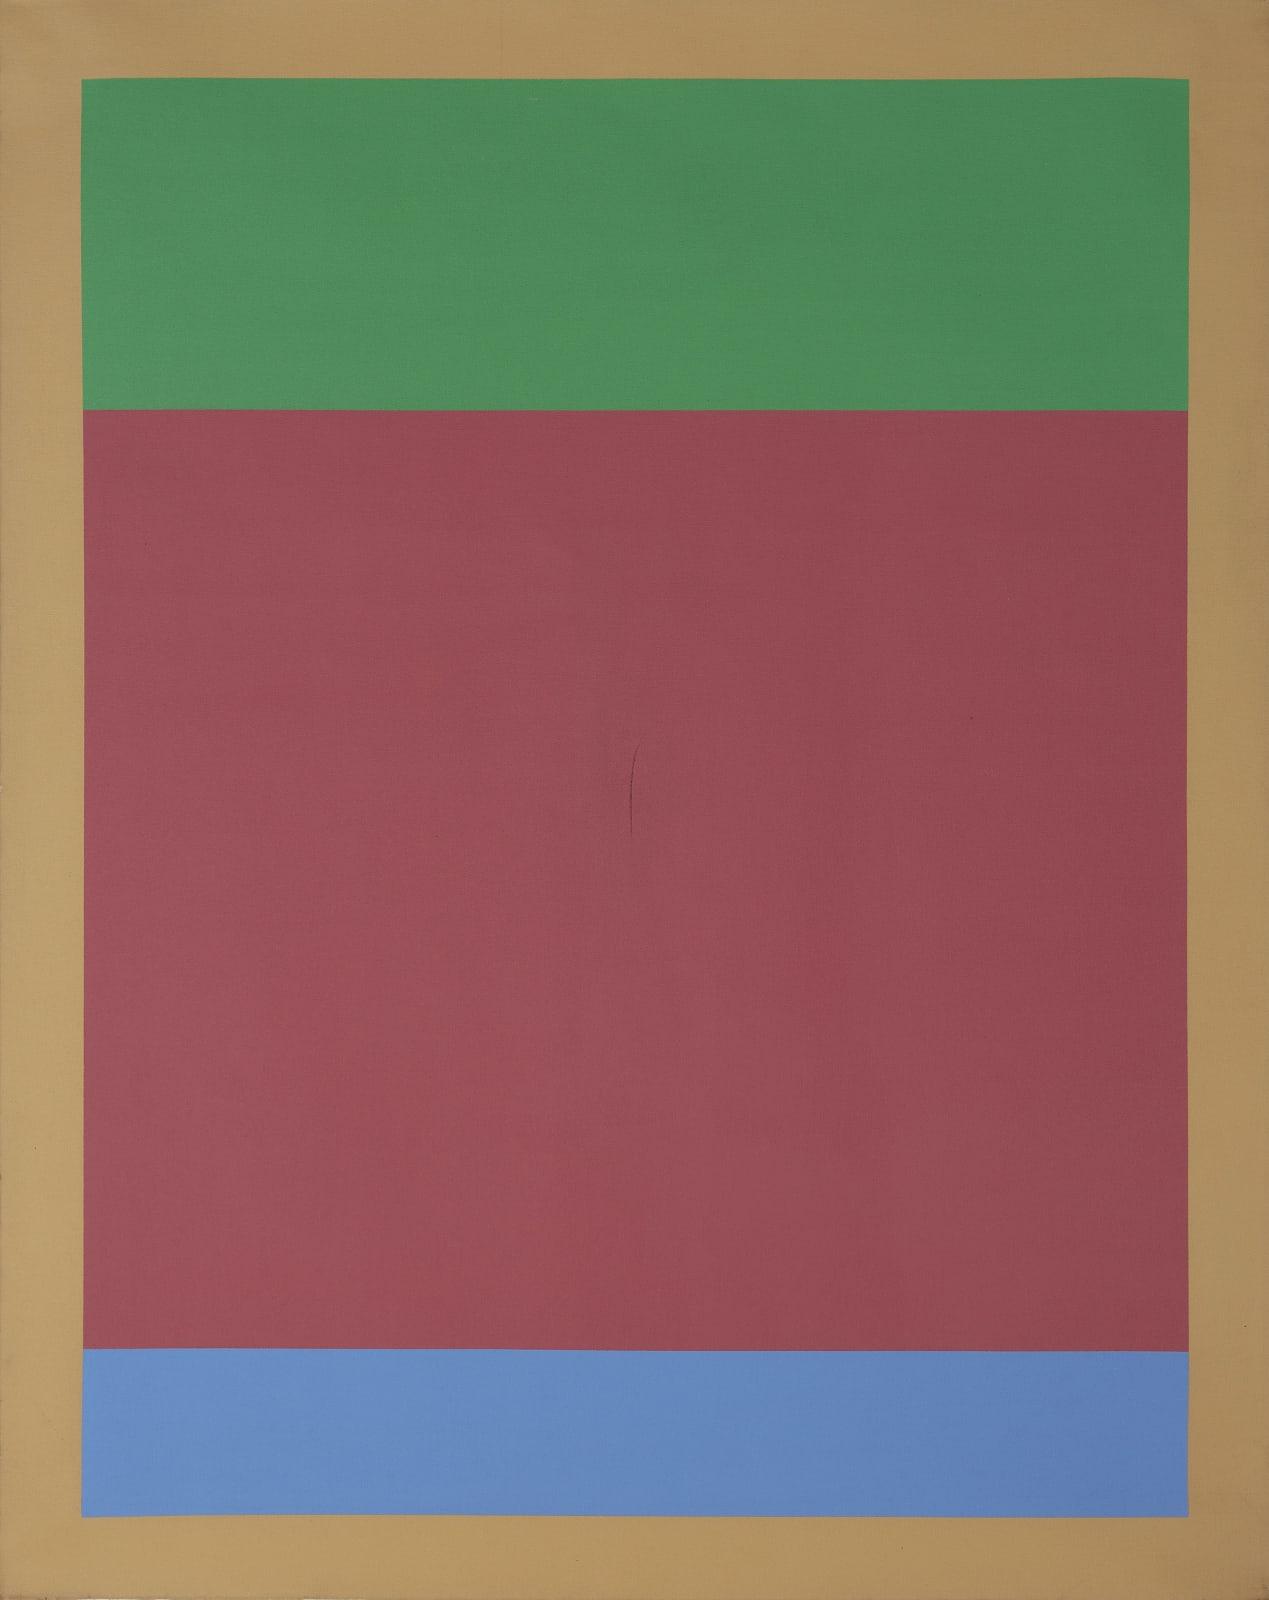 Freddy Rodríguez, Untitled, 1971